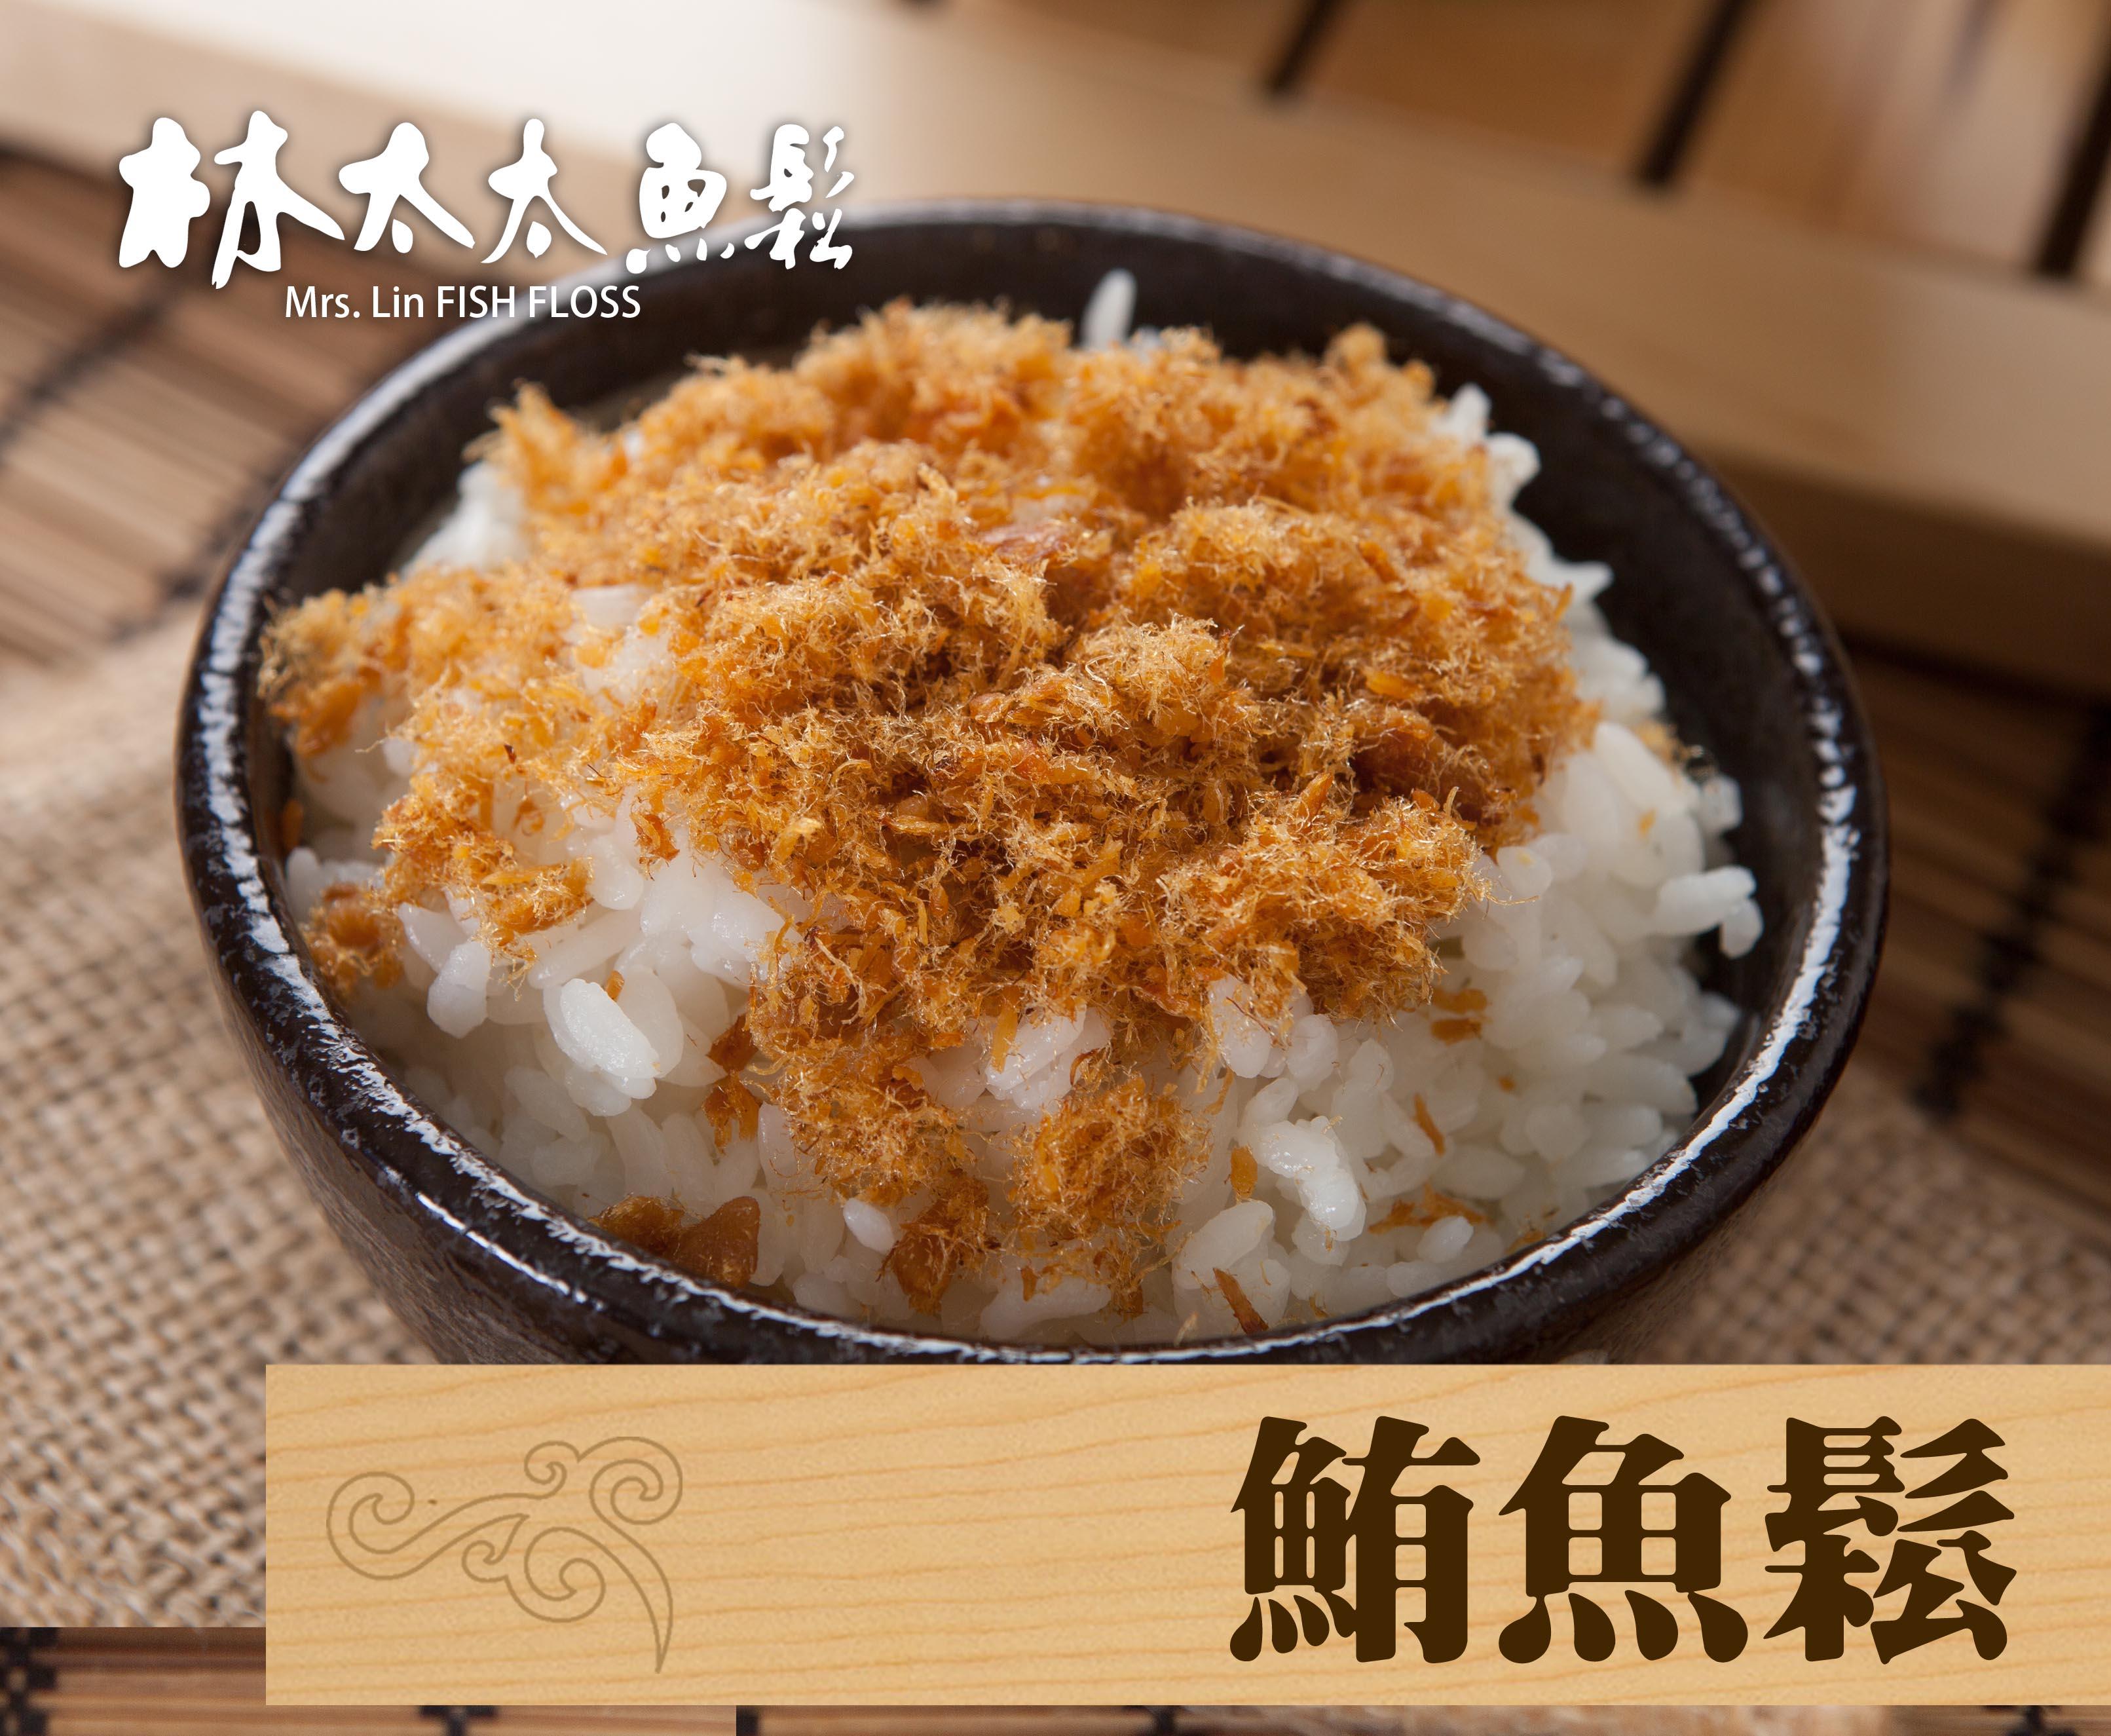 特級鮪魚鬆 600g 林太太魚鬆專賣店